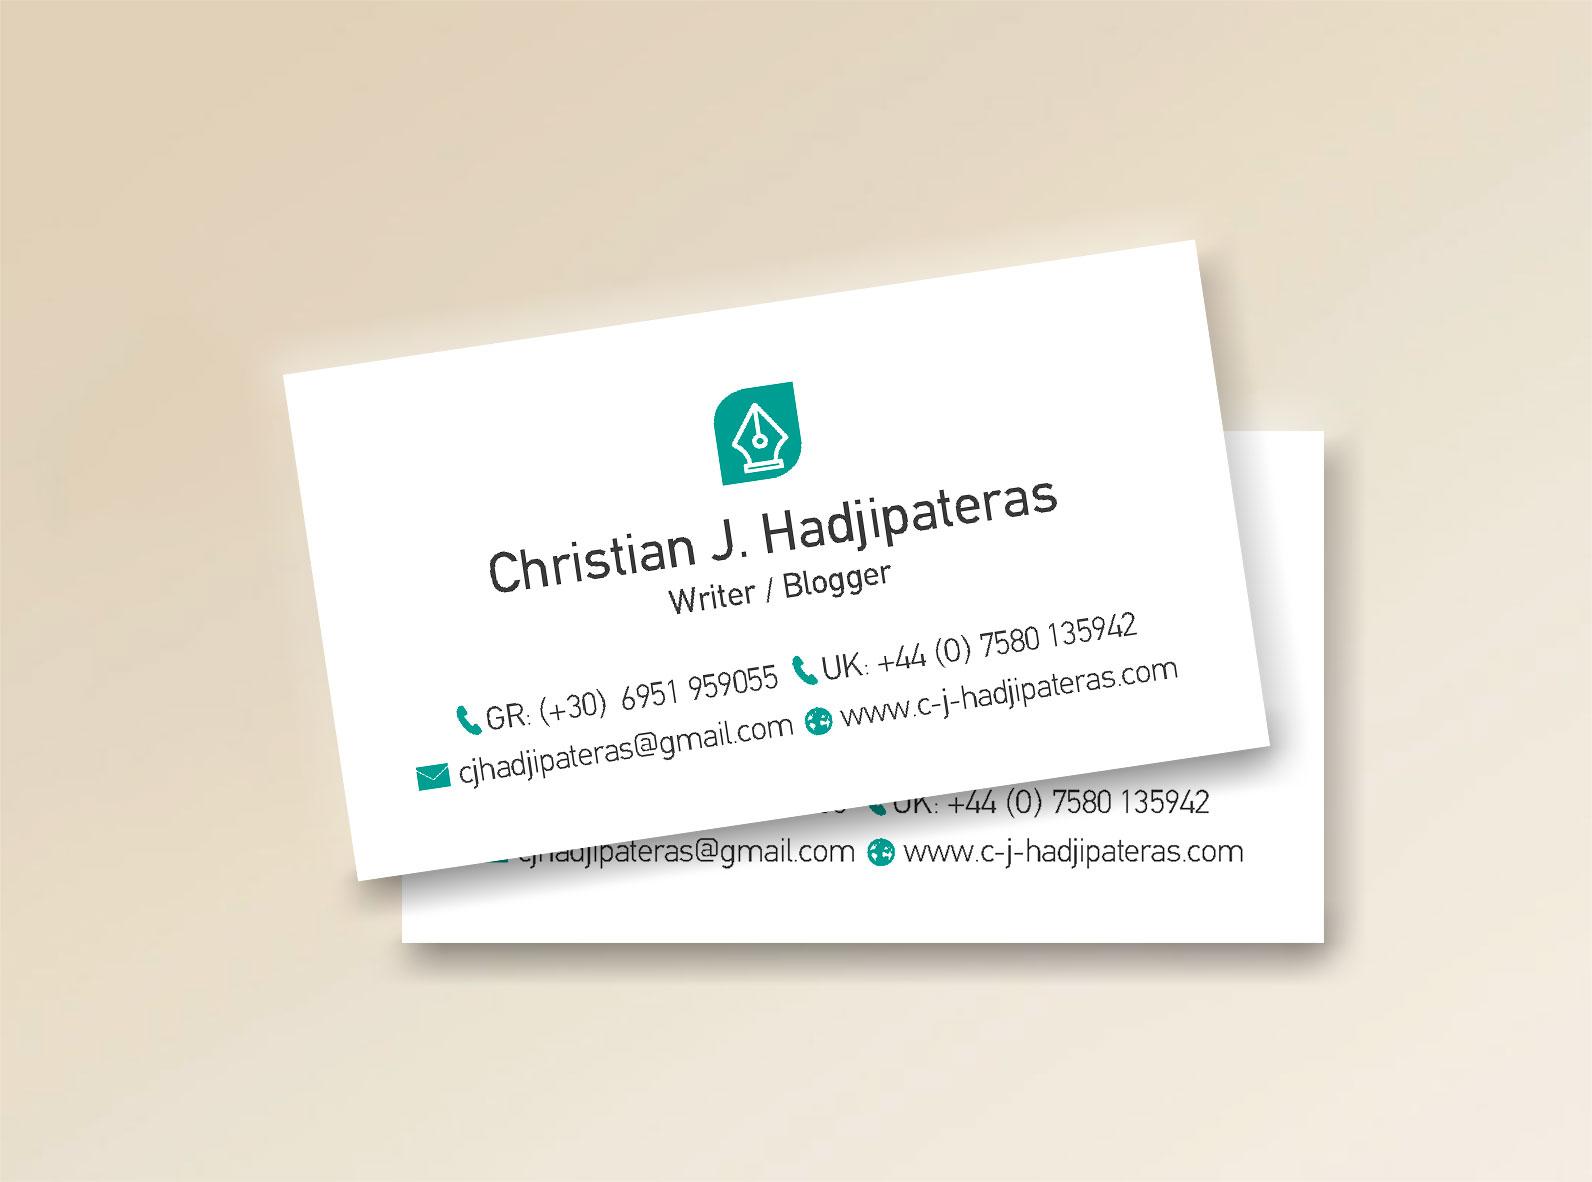 επαγγελματικες καρτες, επαγγελματικεσ καρτεσ, επαγγελματικές κάρτες, επαγγελματικες καρτες πολυτελειας. επαγγελματικεσ καρτεσ, επαγγελματικές κάρτες θεσσαλονικη. επαγγελματικές κάρτες δειγματα, επαγγελματικές κάρτες τιμες, επαγγελματικέσ κάρτεσ. επαγγελματικες καρτες προσφορα , επαγγελματικες καρτεσ,επαγγελματικές κάρτες δικηγόρων,επαγγελματικες καρτες αναγλυφες,επαγγελματικες καρτες μαθηματικων,επαγγελματικές κάρτες φιλολογων,φθηνες επαγγελματικες καρτες, επαγγελματικες καρτες για νυχια